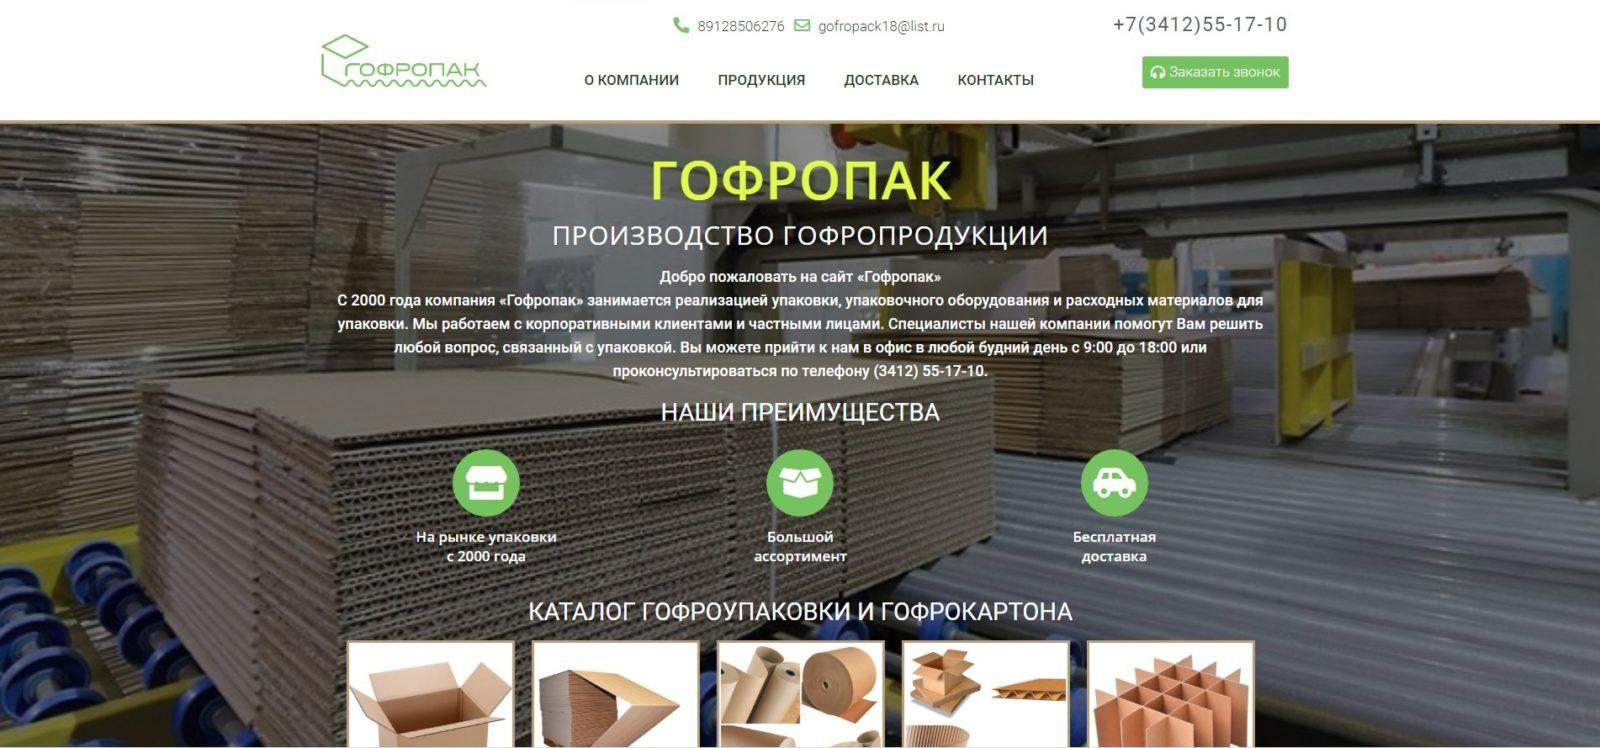 Компания ООО Гофропак